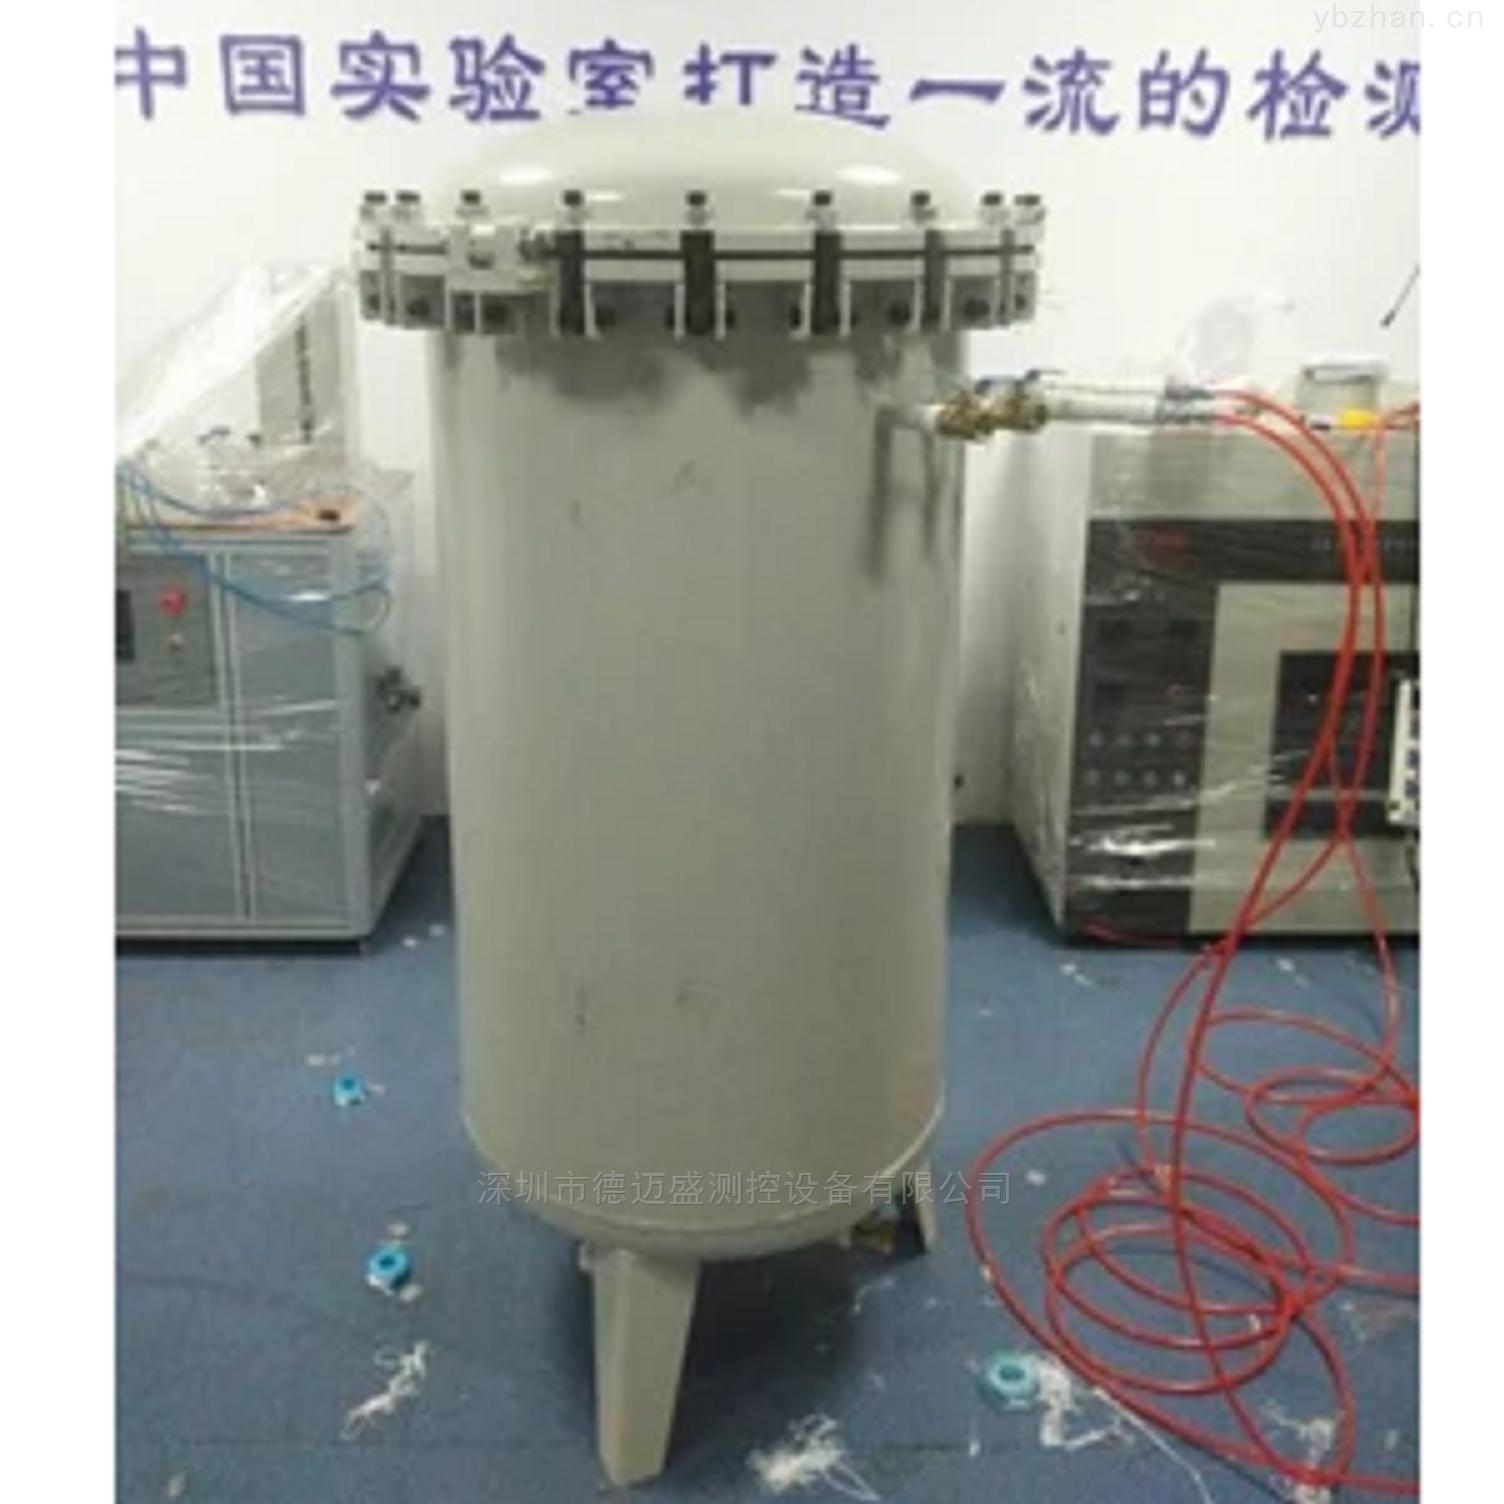 深圳厂家供应ipx8潜水试验设备